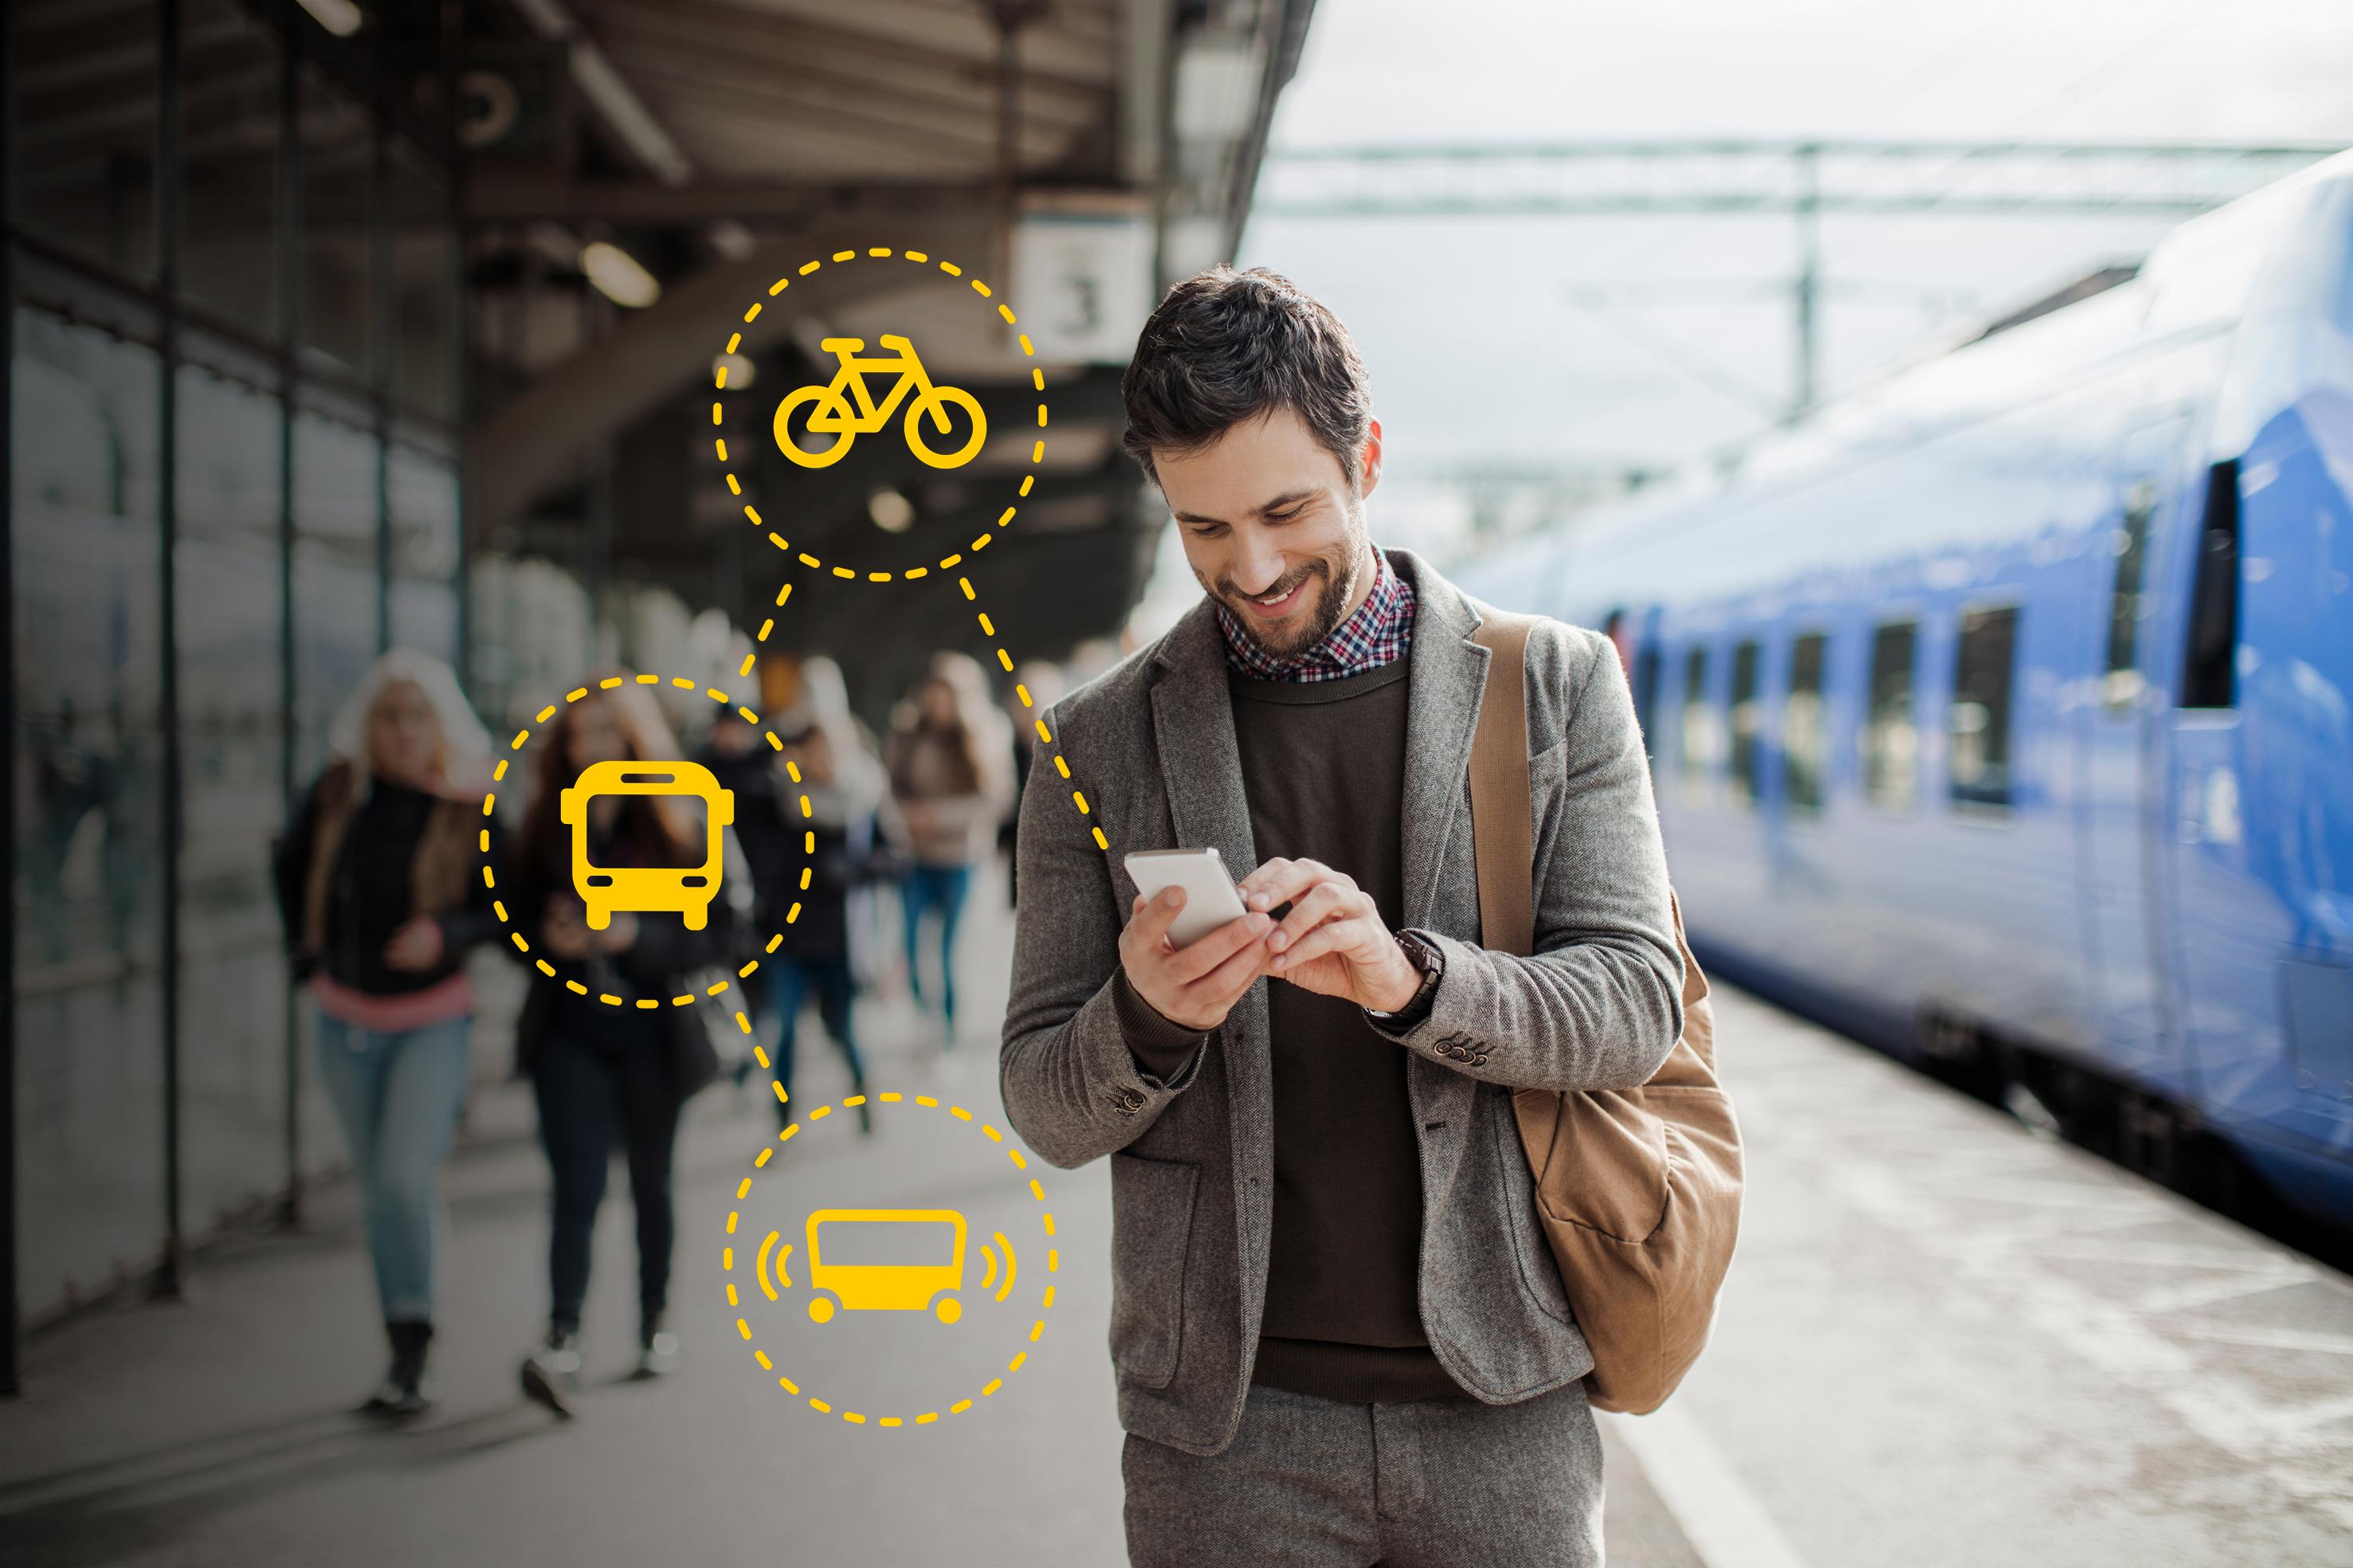 Wird Deutschland in Zukunft  ohne eigenes Auto mobil sein?